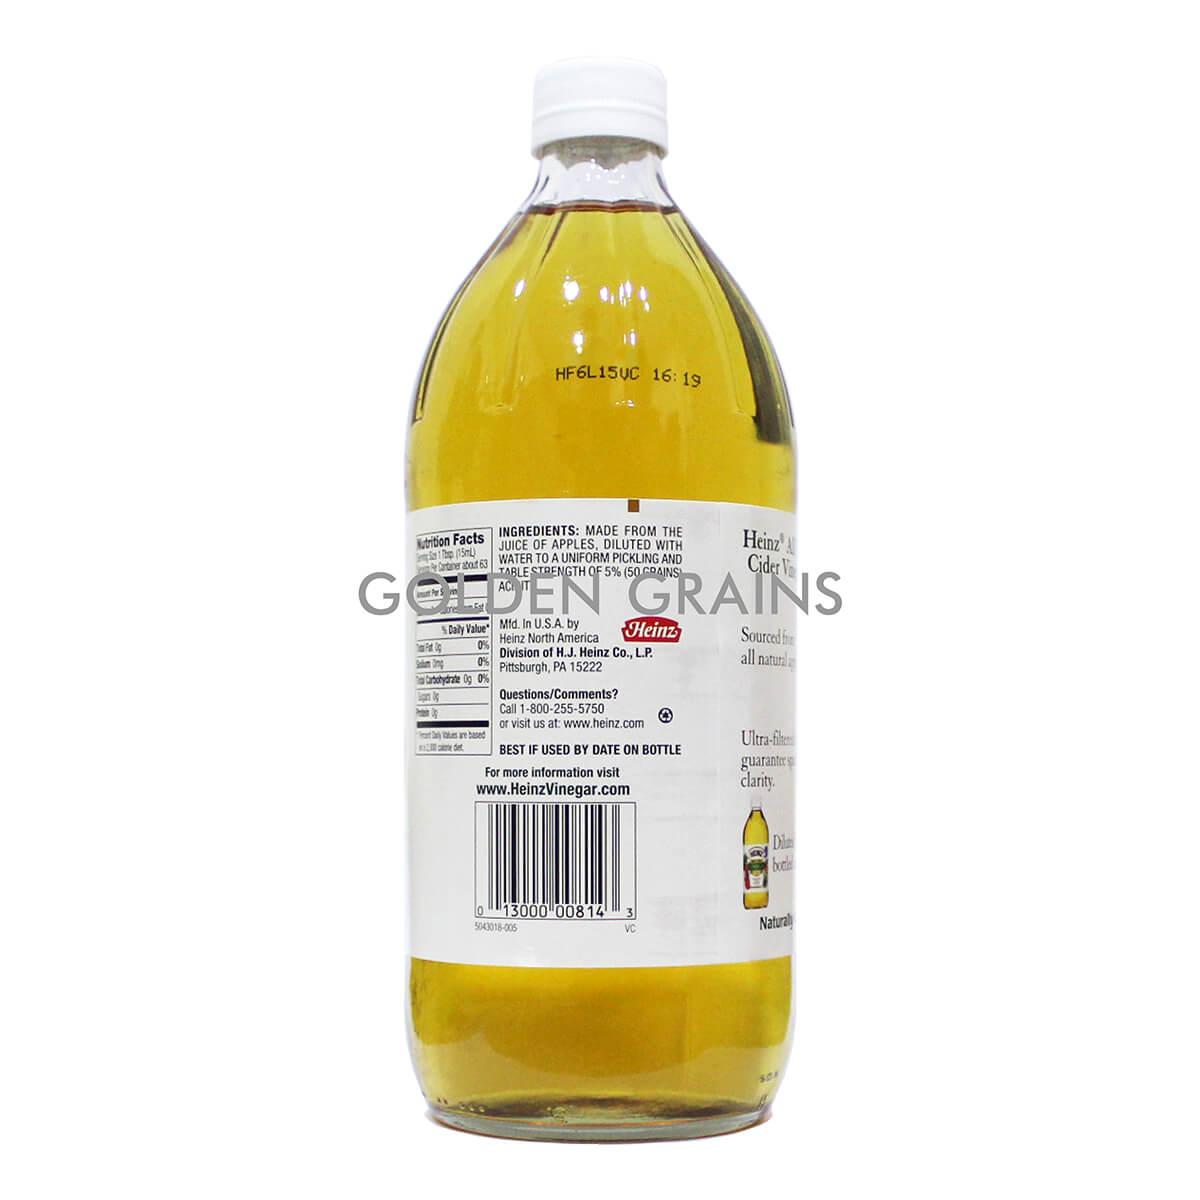 Golden Grains Heinz - Apple Cider Vinegar - Back.jpg